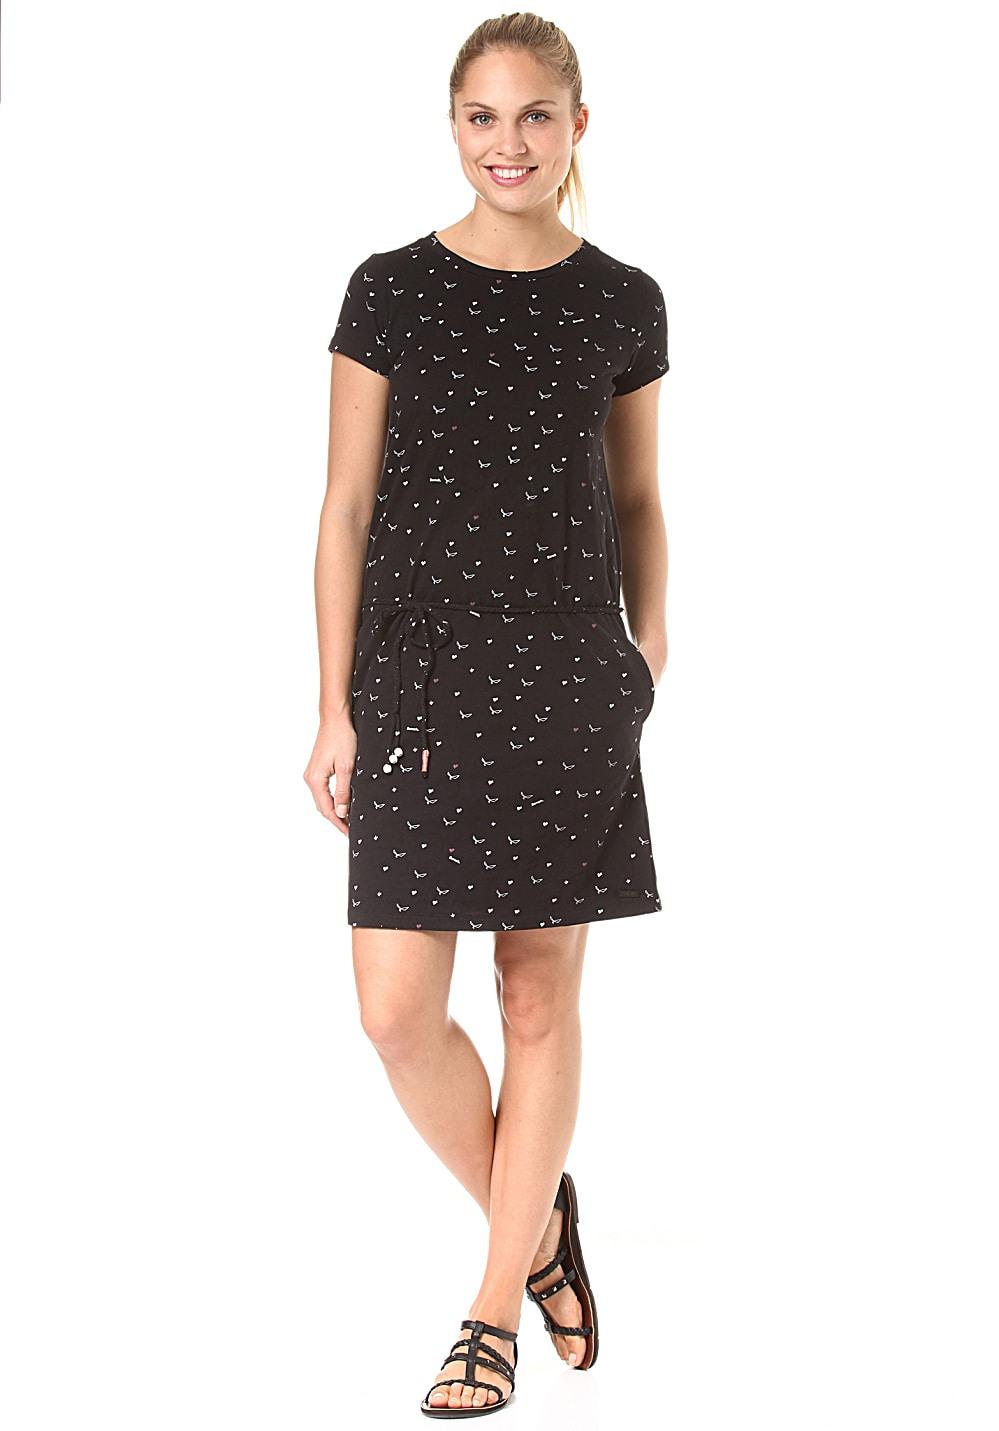 20 Schön Kleid Damen Schwarz Boutique17 Fantastisch Kleid Damen Schwarz Design